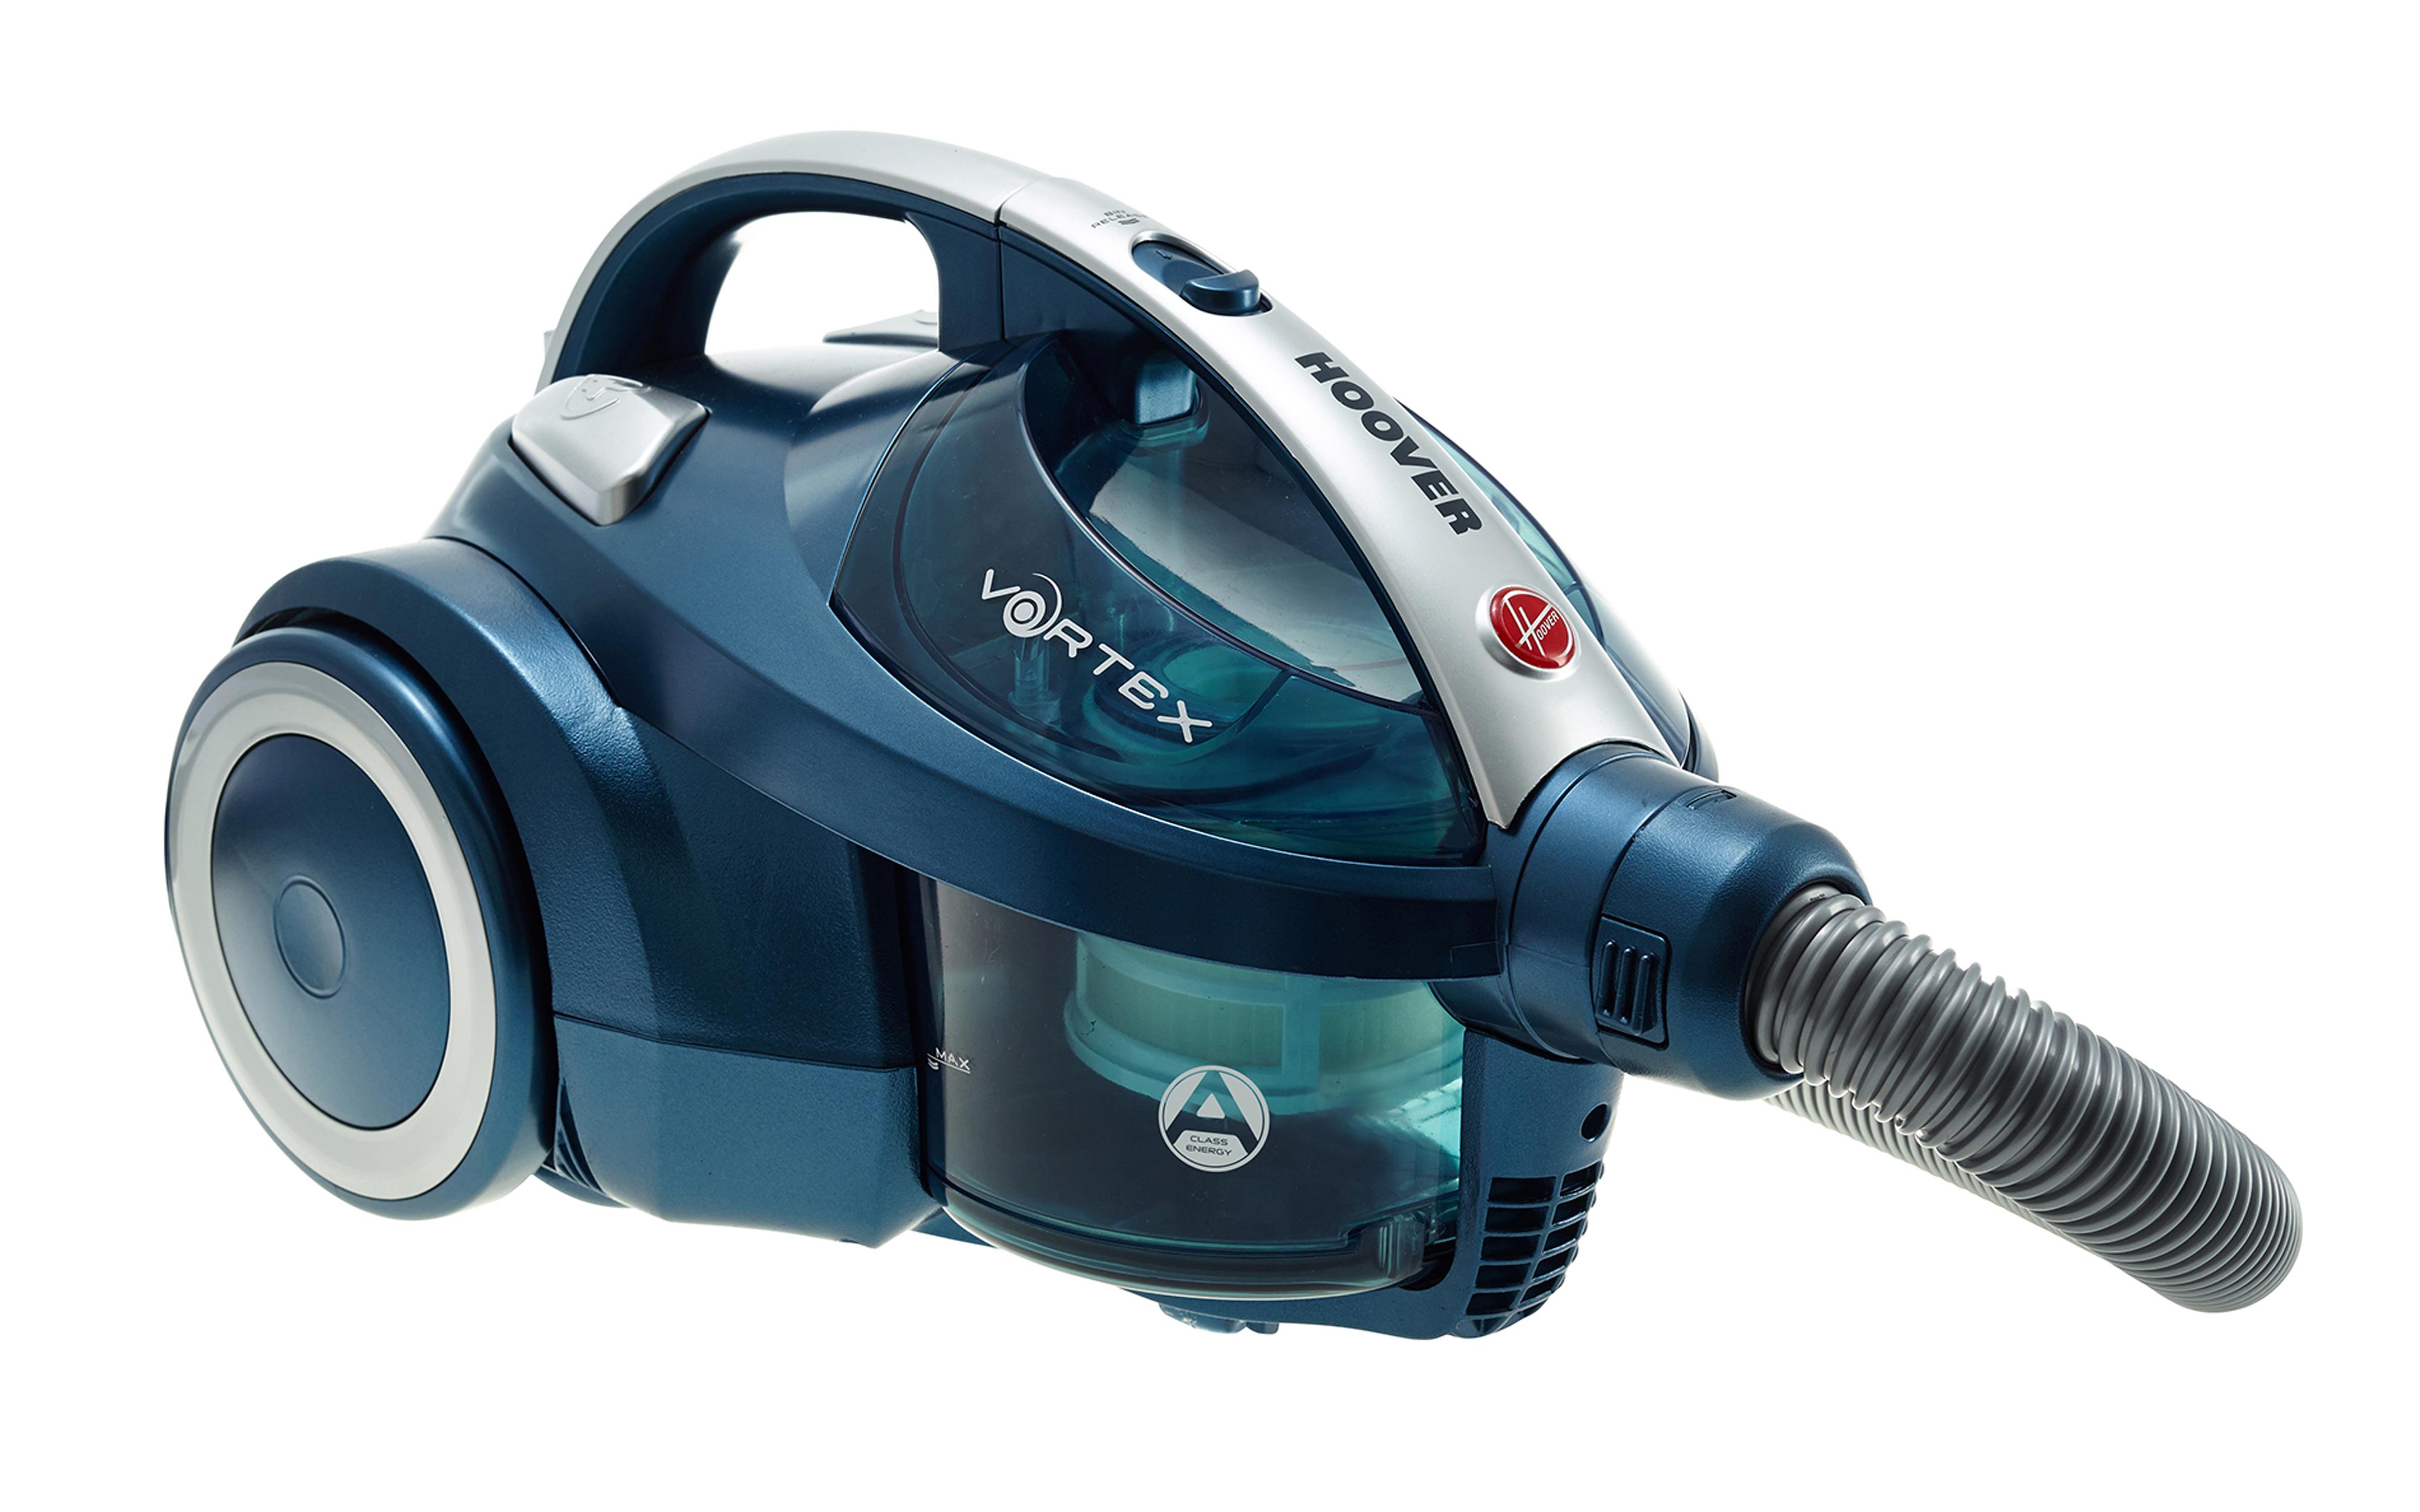 Hoover Se71vx01 Vortex Bagless Cylinder Vacuum Cleaner